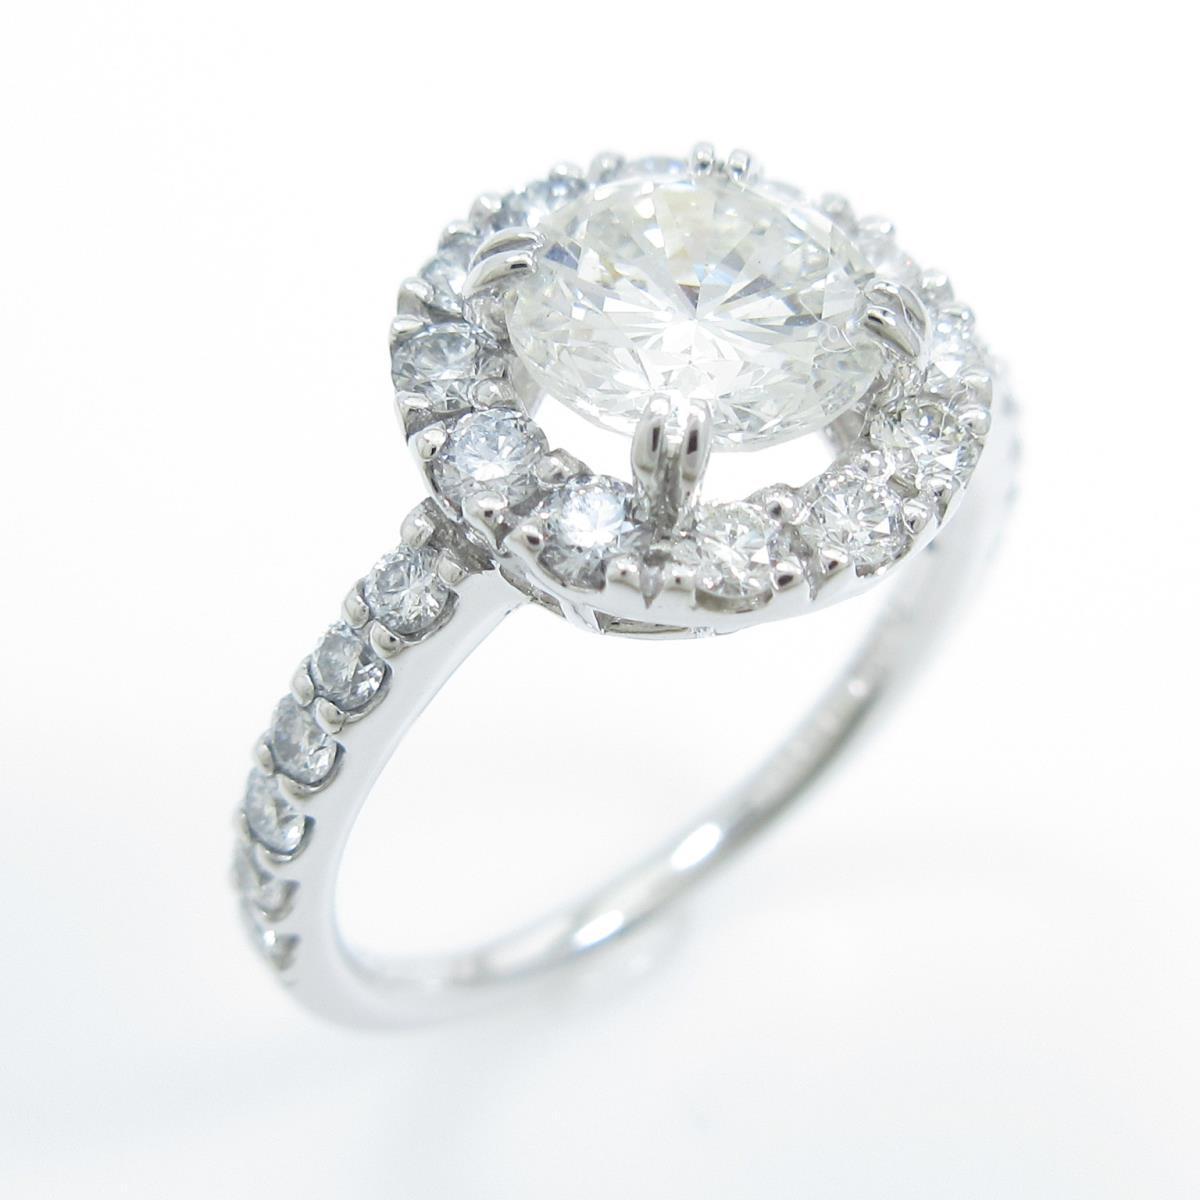 【リメイク】プラチナダイヤモンドリング 1.011ct・I・VS1・GOOD【中古】